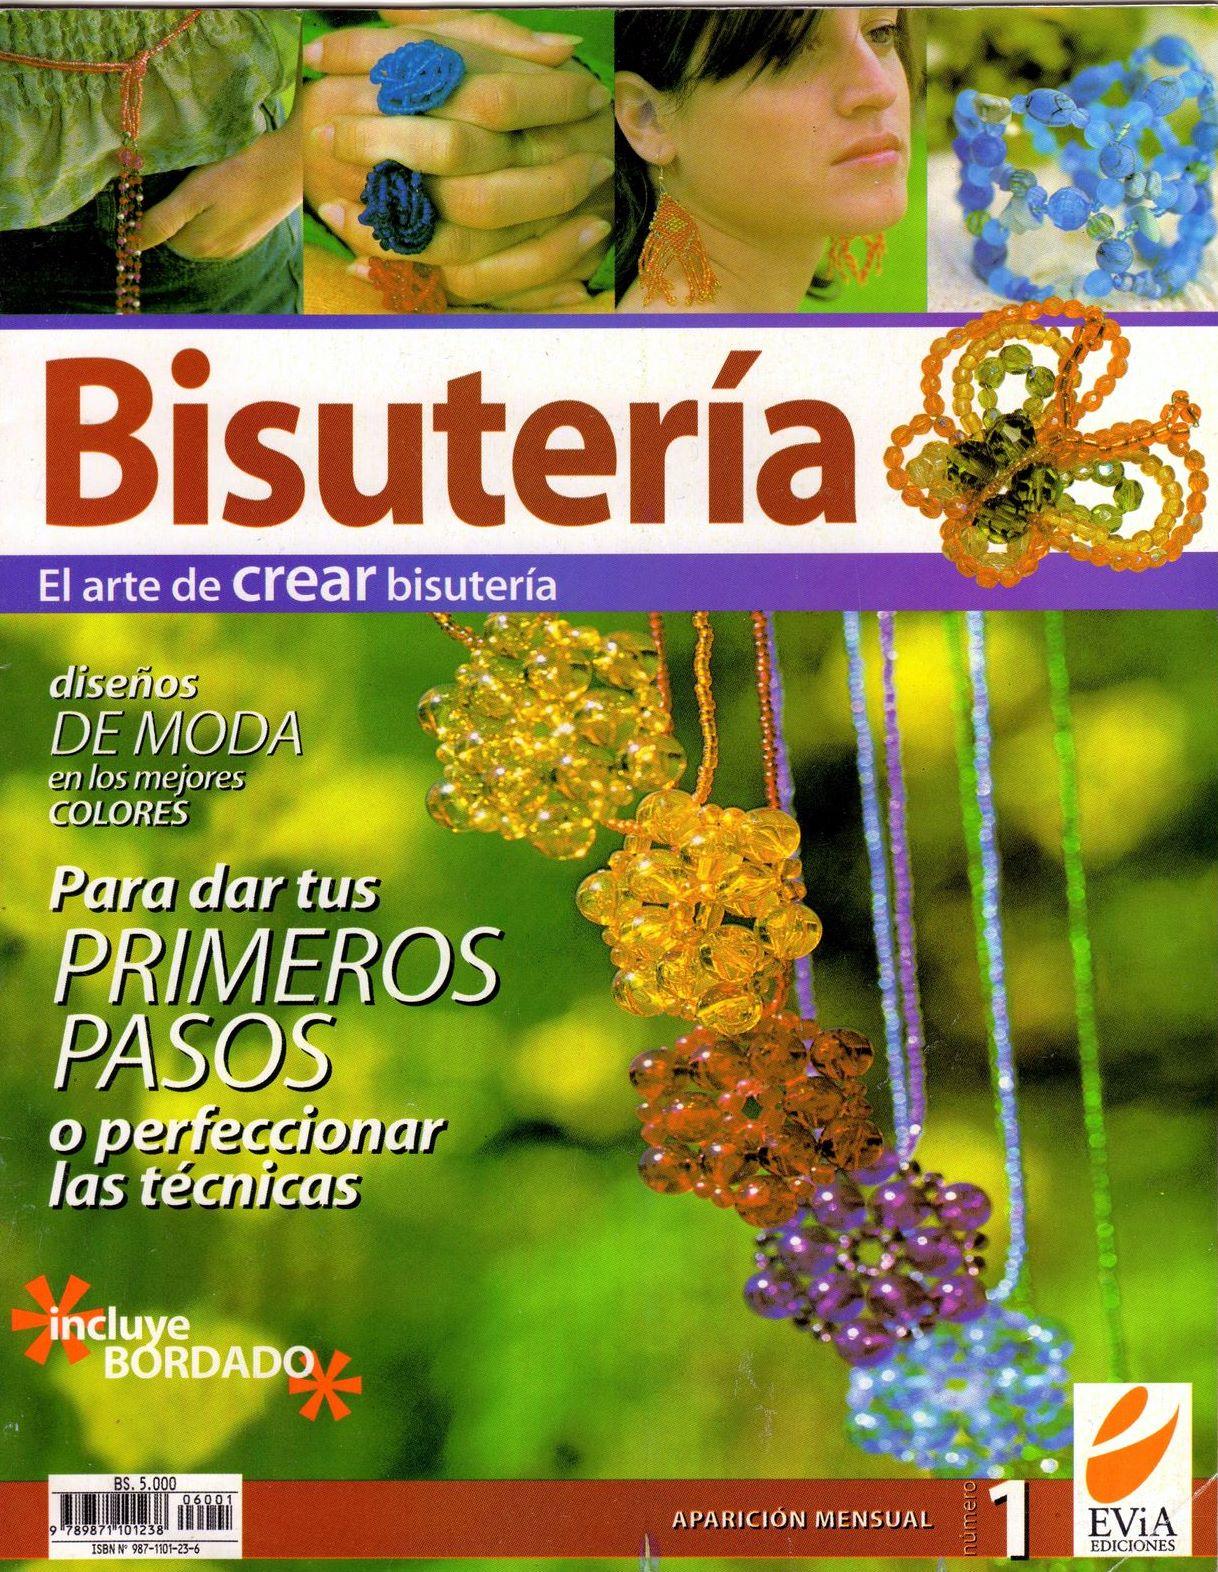 descargar libros gratis pdf espanol sin registrarse